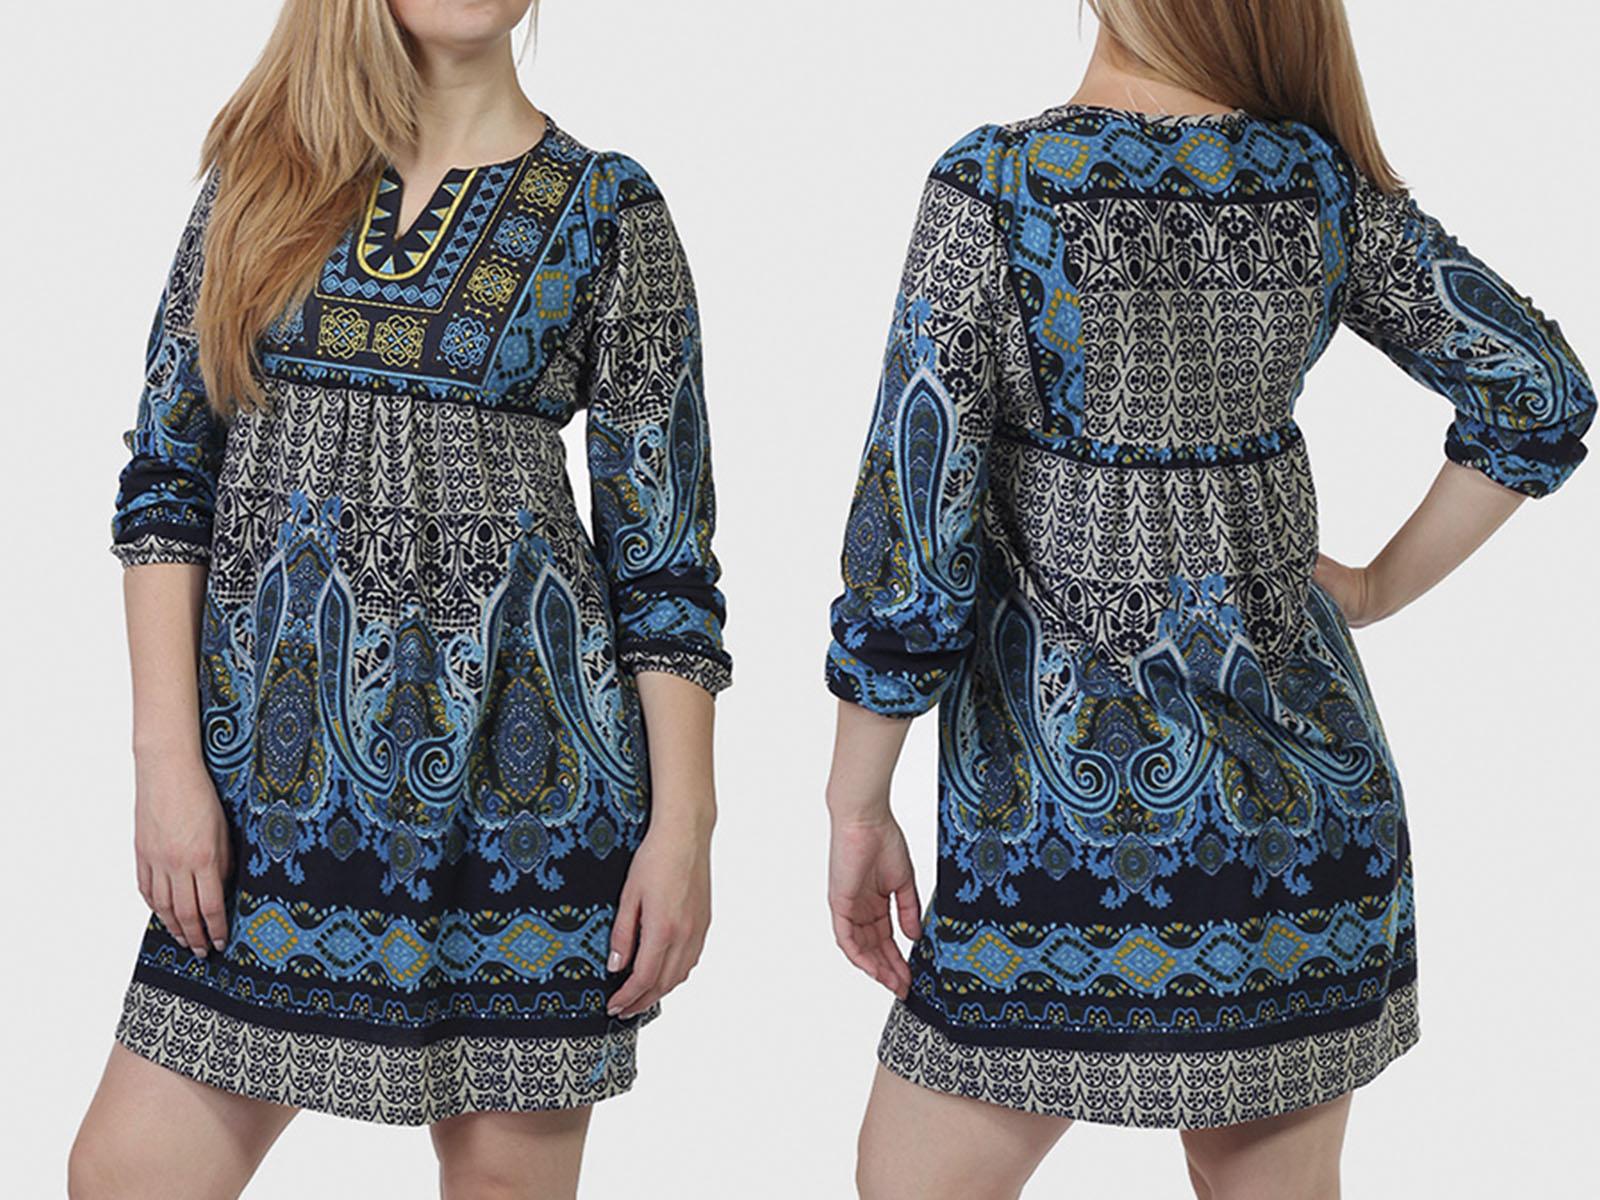 Испания! Трендовое платье с этно орнаментом от дизайнеров ADA GATTI.